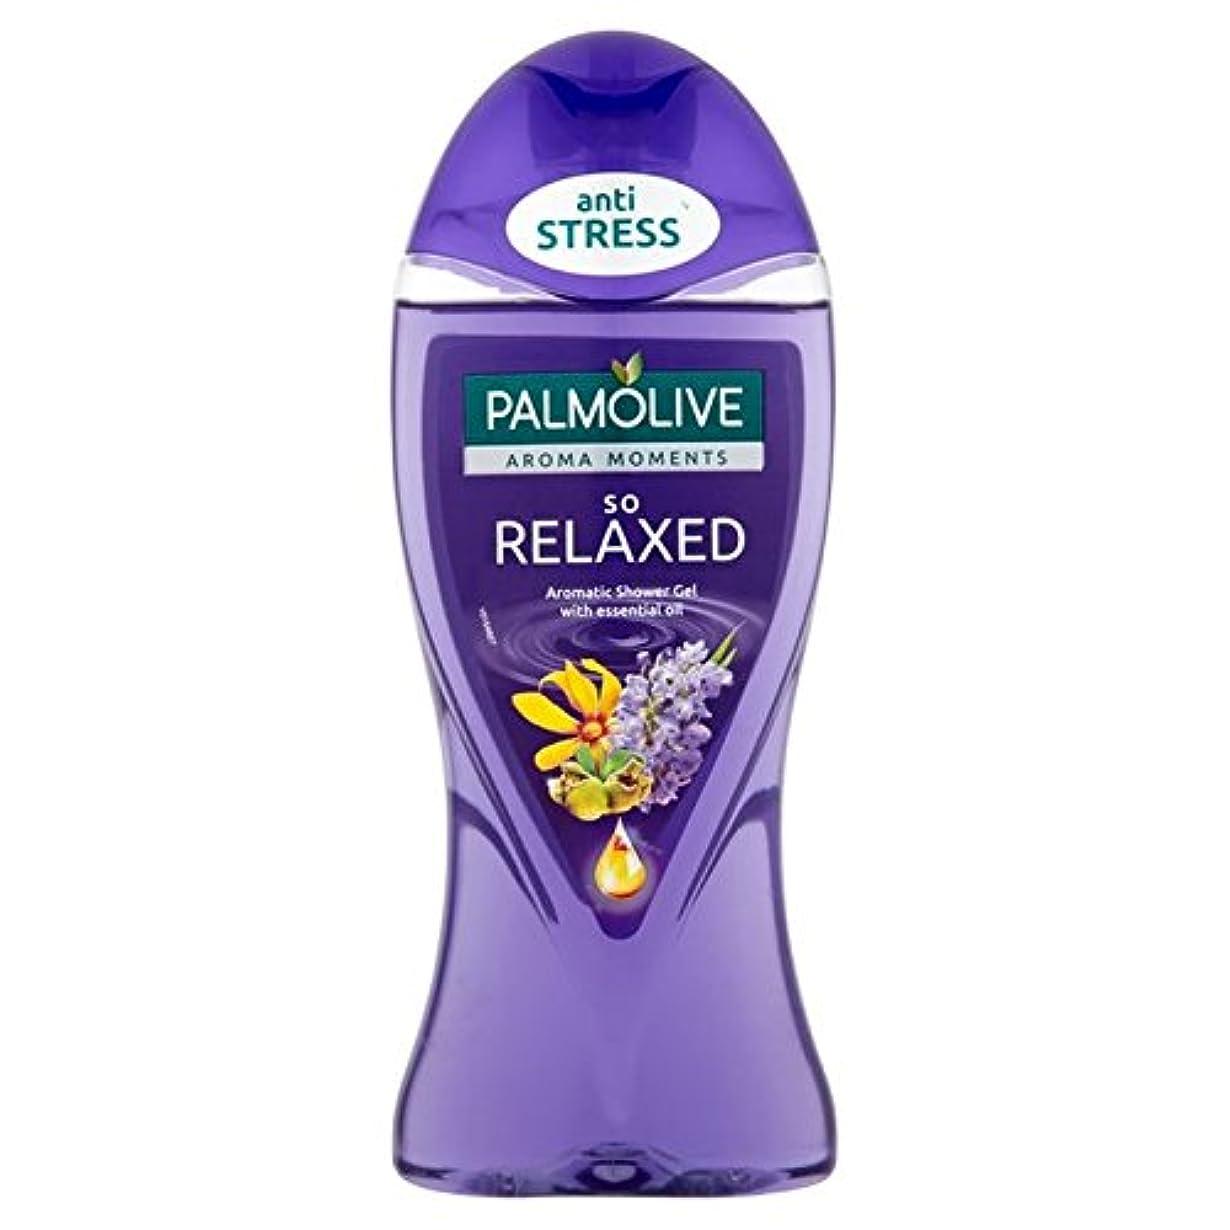 革新社交的発行するパルモシャワージェルリラックスした250ミリリットル x4 - Palmolive Shower Gel Relaxed 250ml (Pack of 4) [並行輸入品]